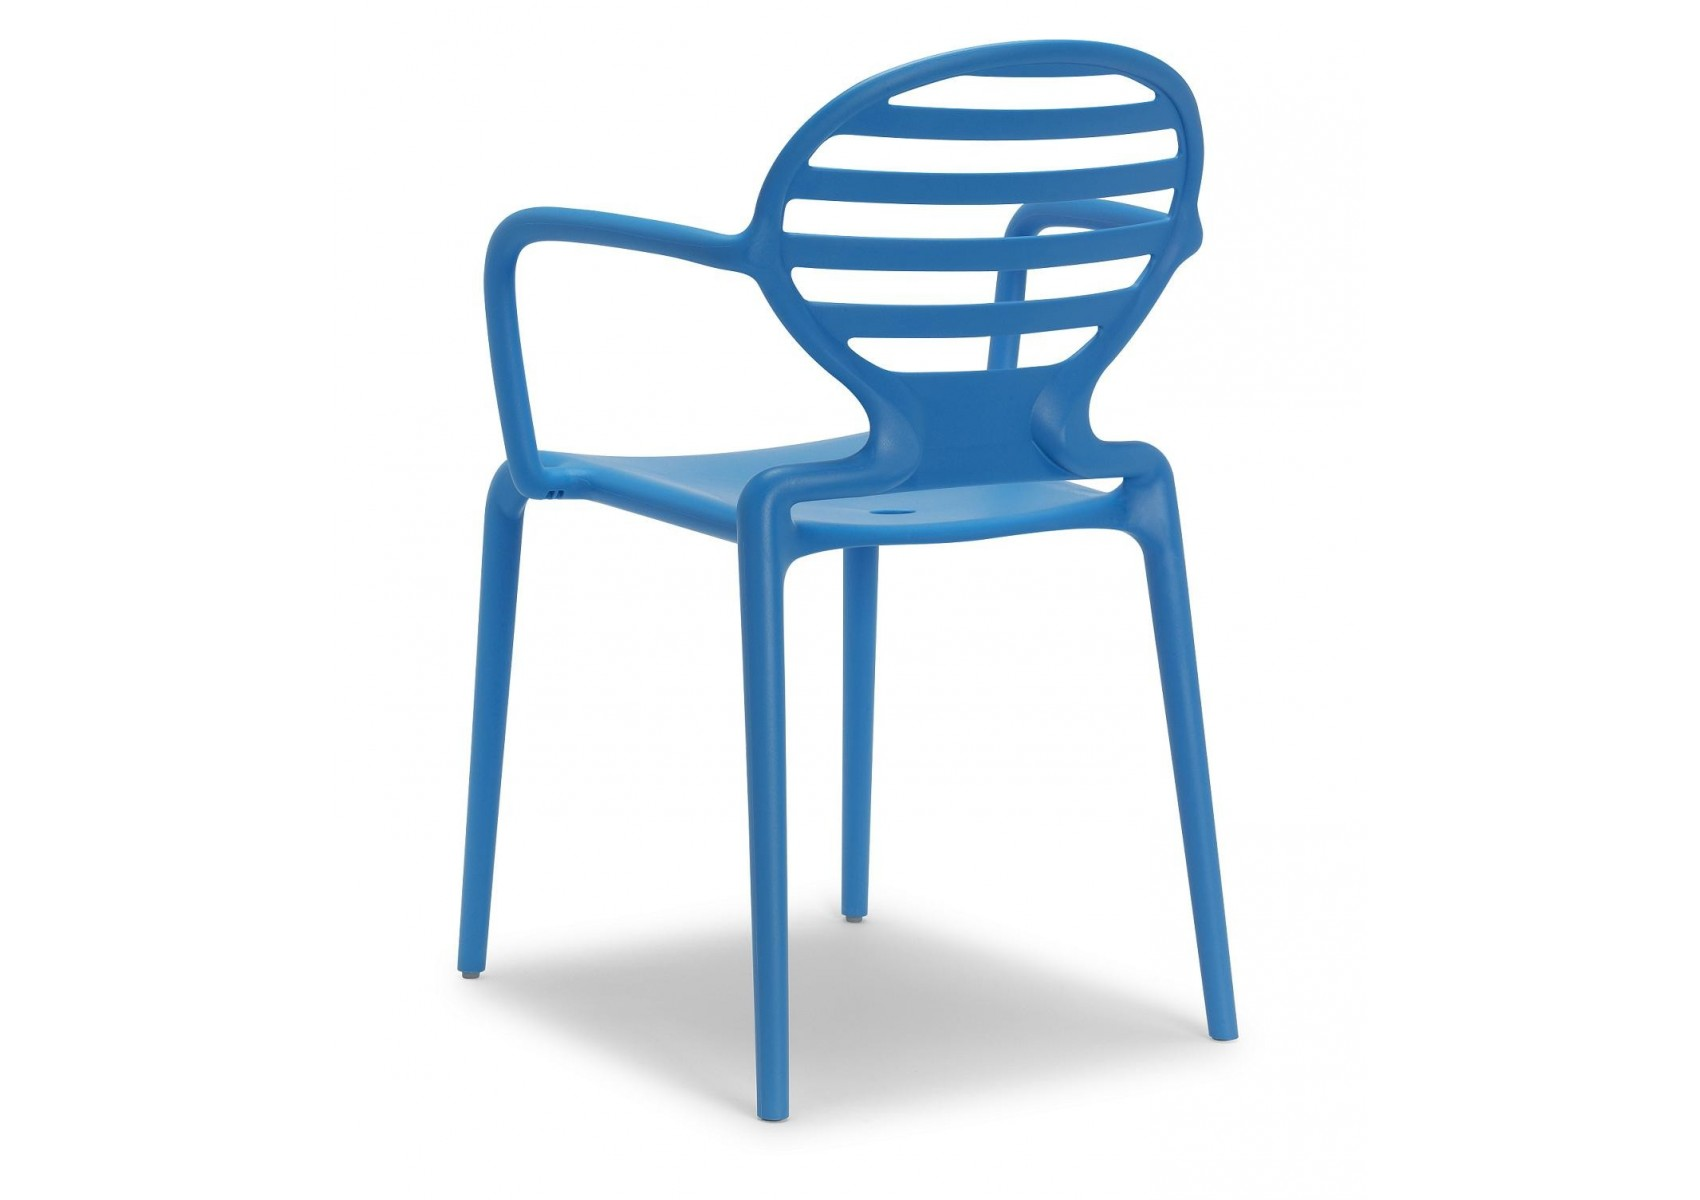 4 chaises design avec accoudoirs cokka lot de 4 for Lot de 4 chaises design